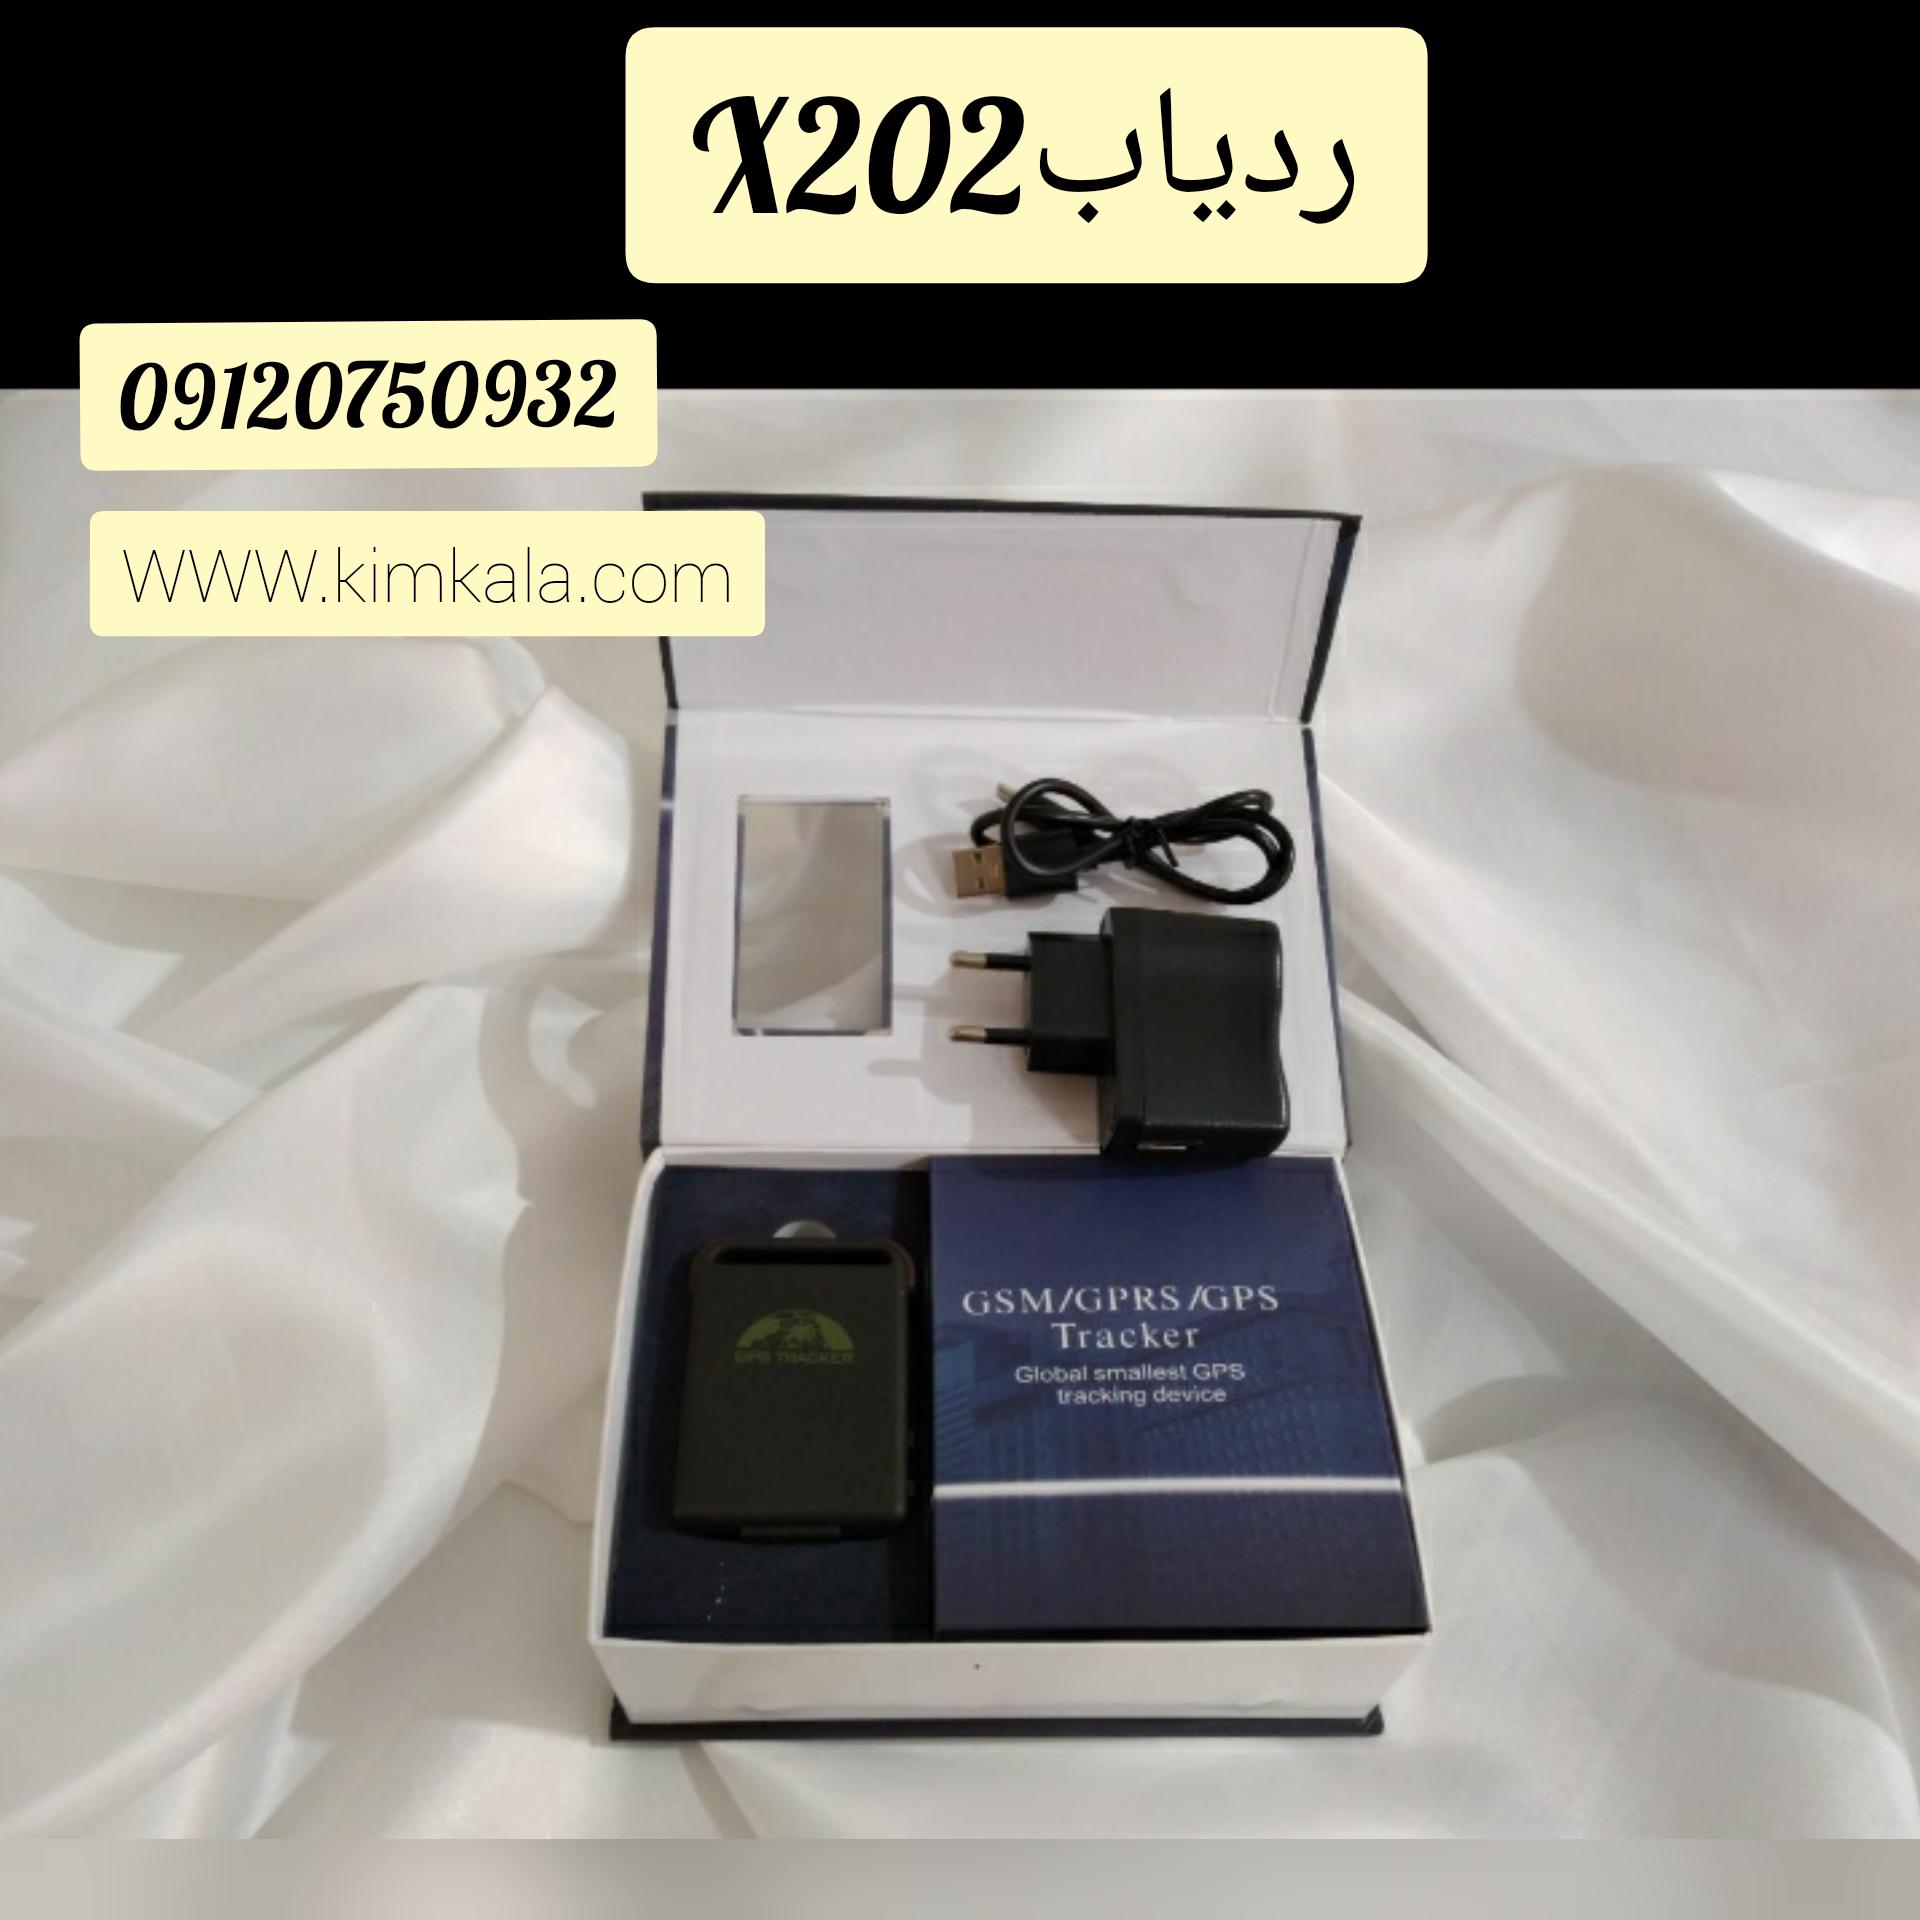 ردیاب همراهX202/قیمت ردیاب/09120750932